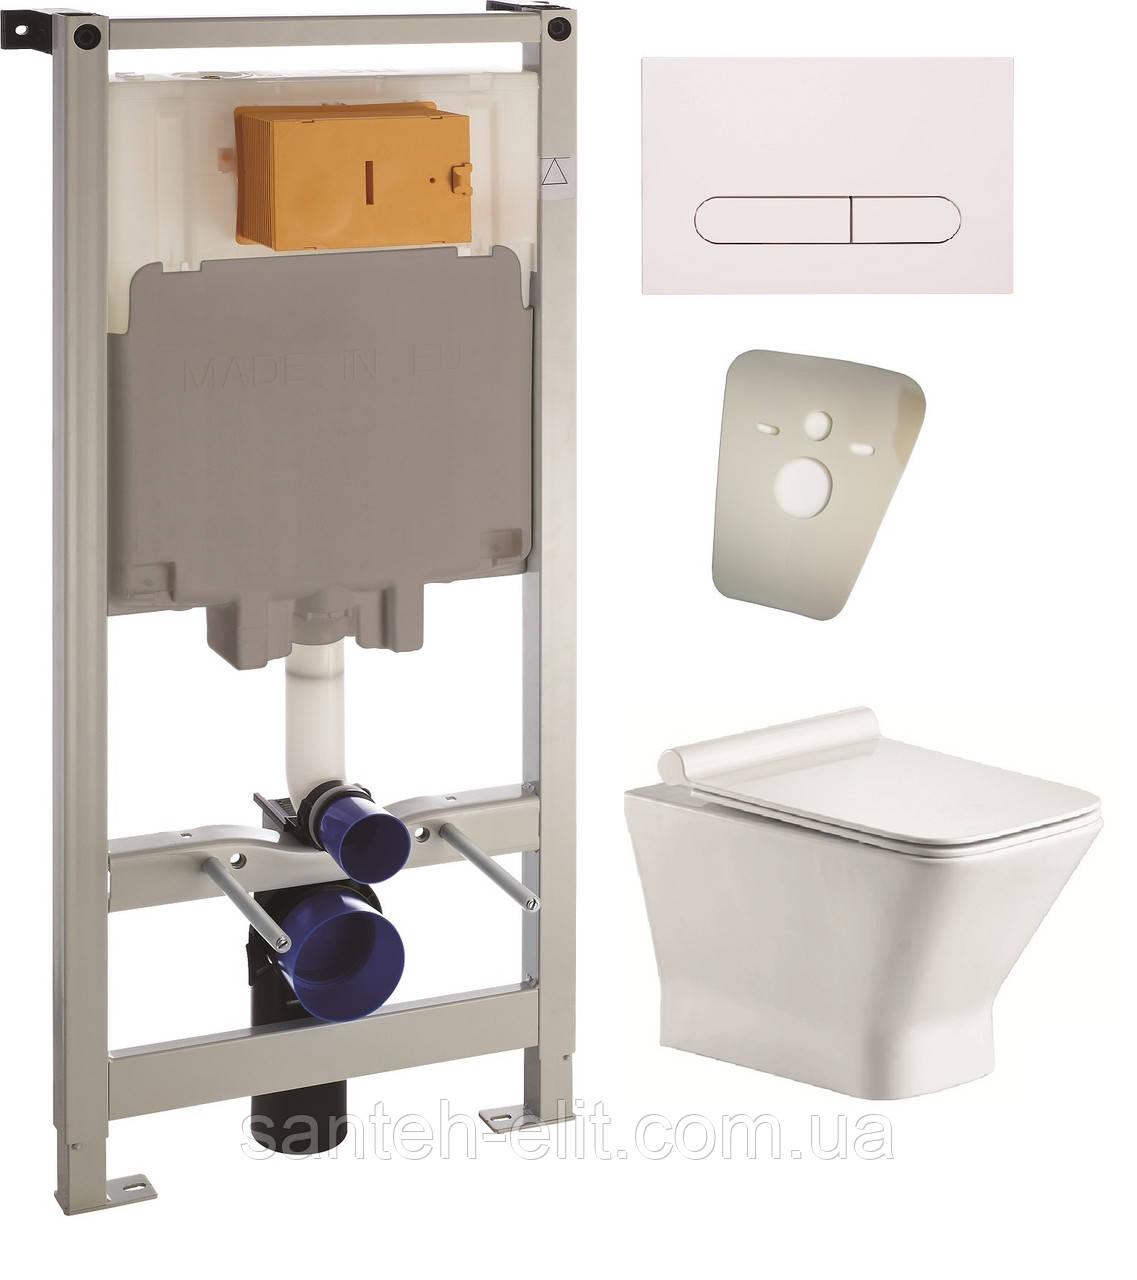 Комплект: унітаз підвісний Volle LEON Rectangular c сидінням + інсталяція VOLLE MASTER 4в1 (13-11-160 + 141919)